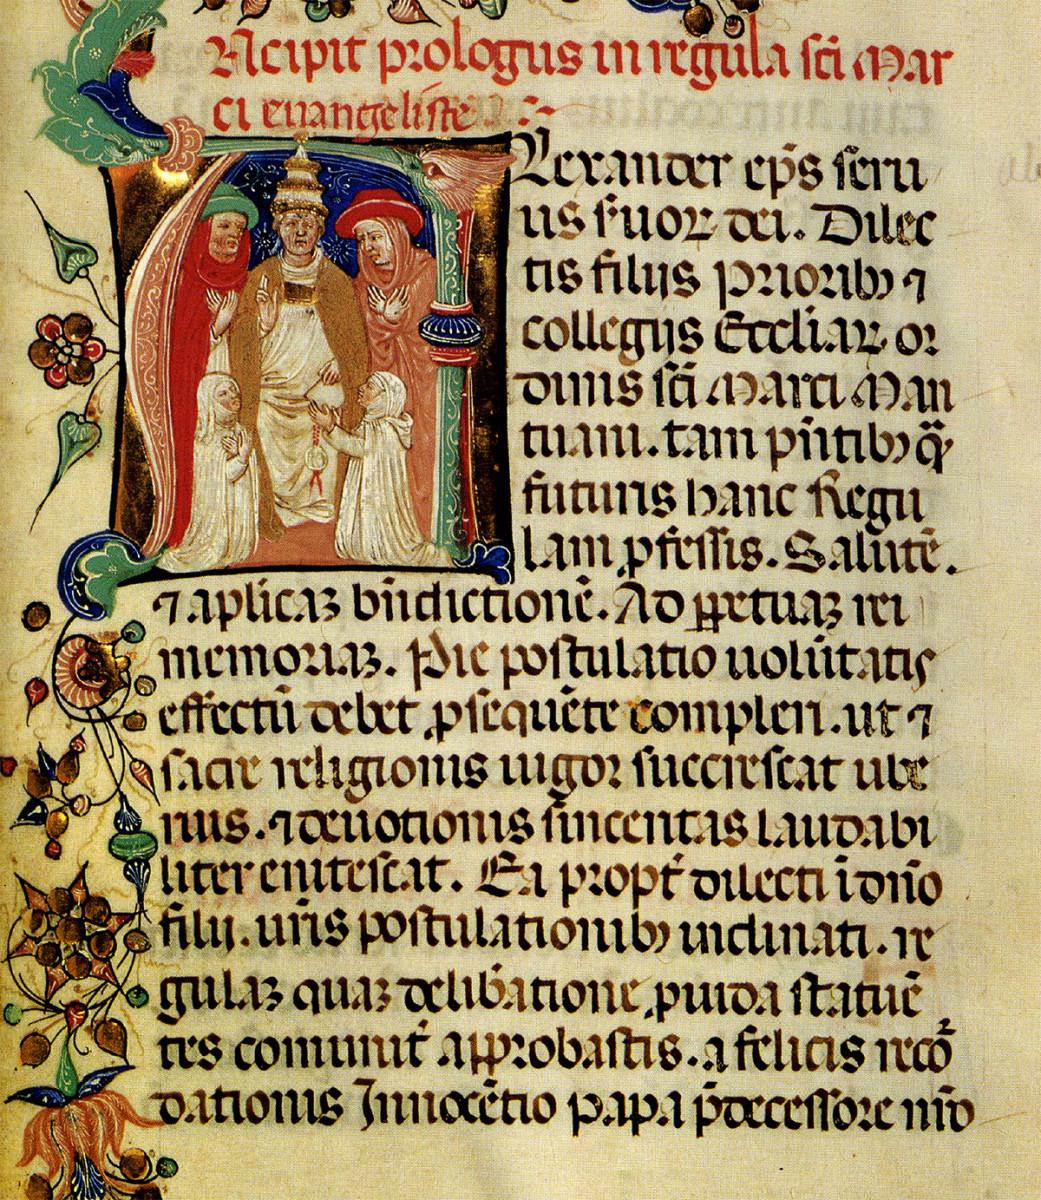 Manoscritto in Gotica Rotonda, Italia, prima del 1450